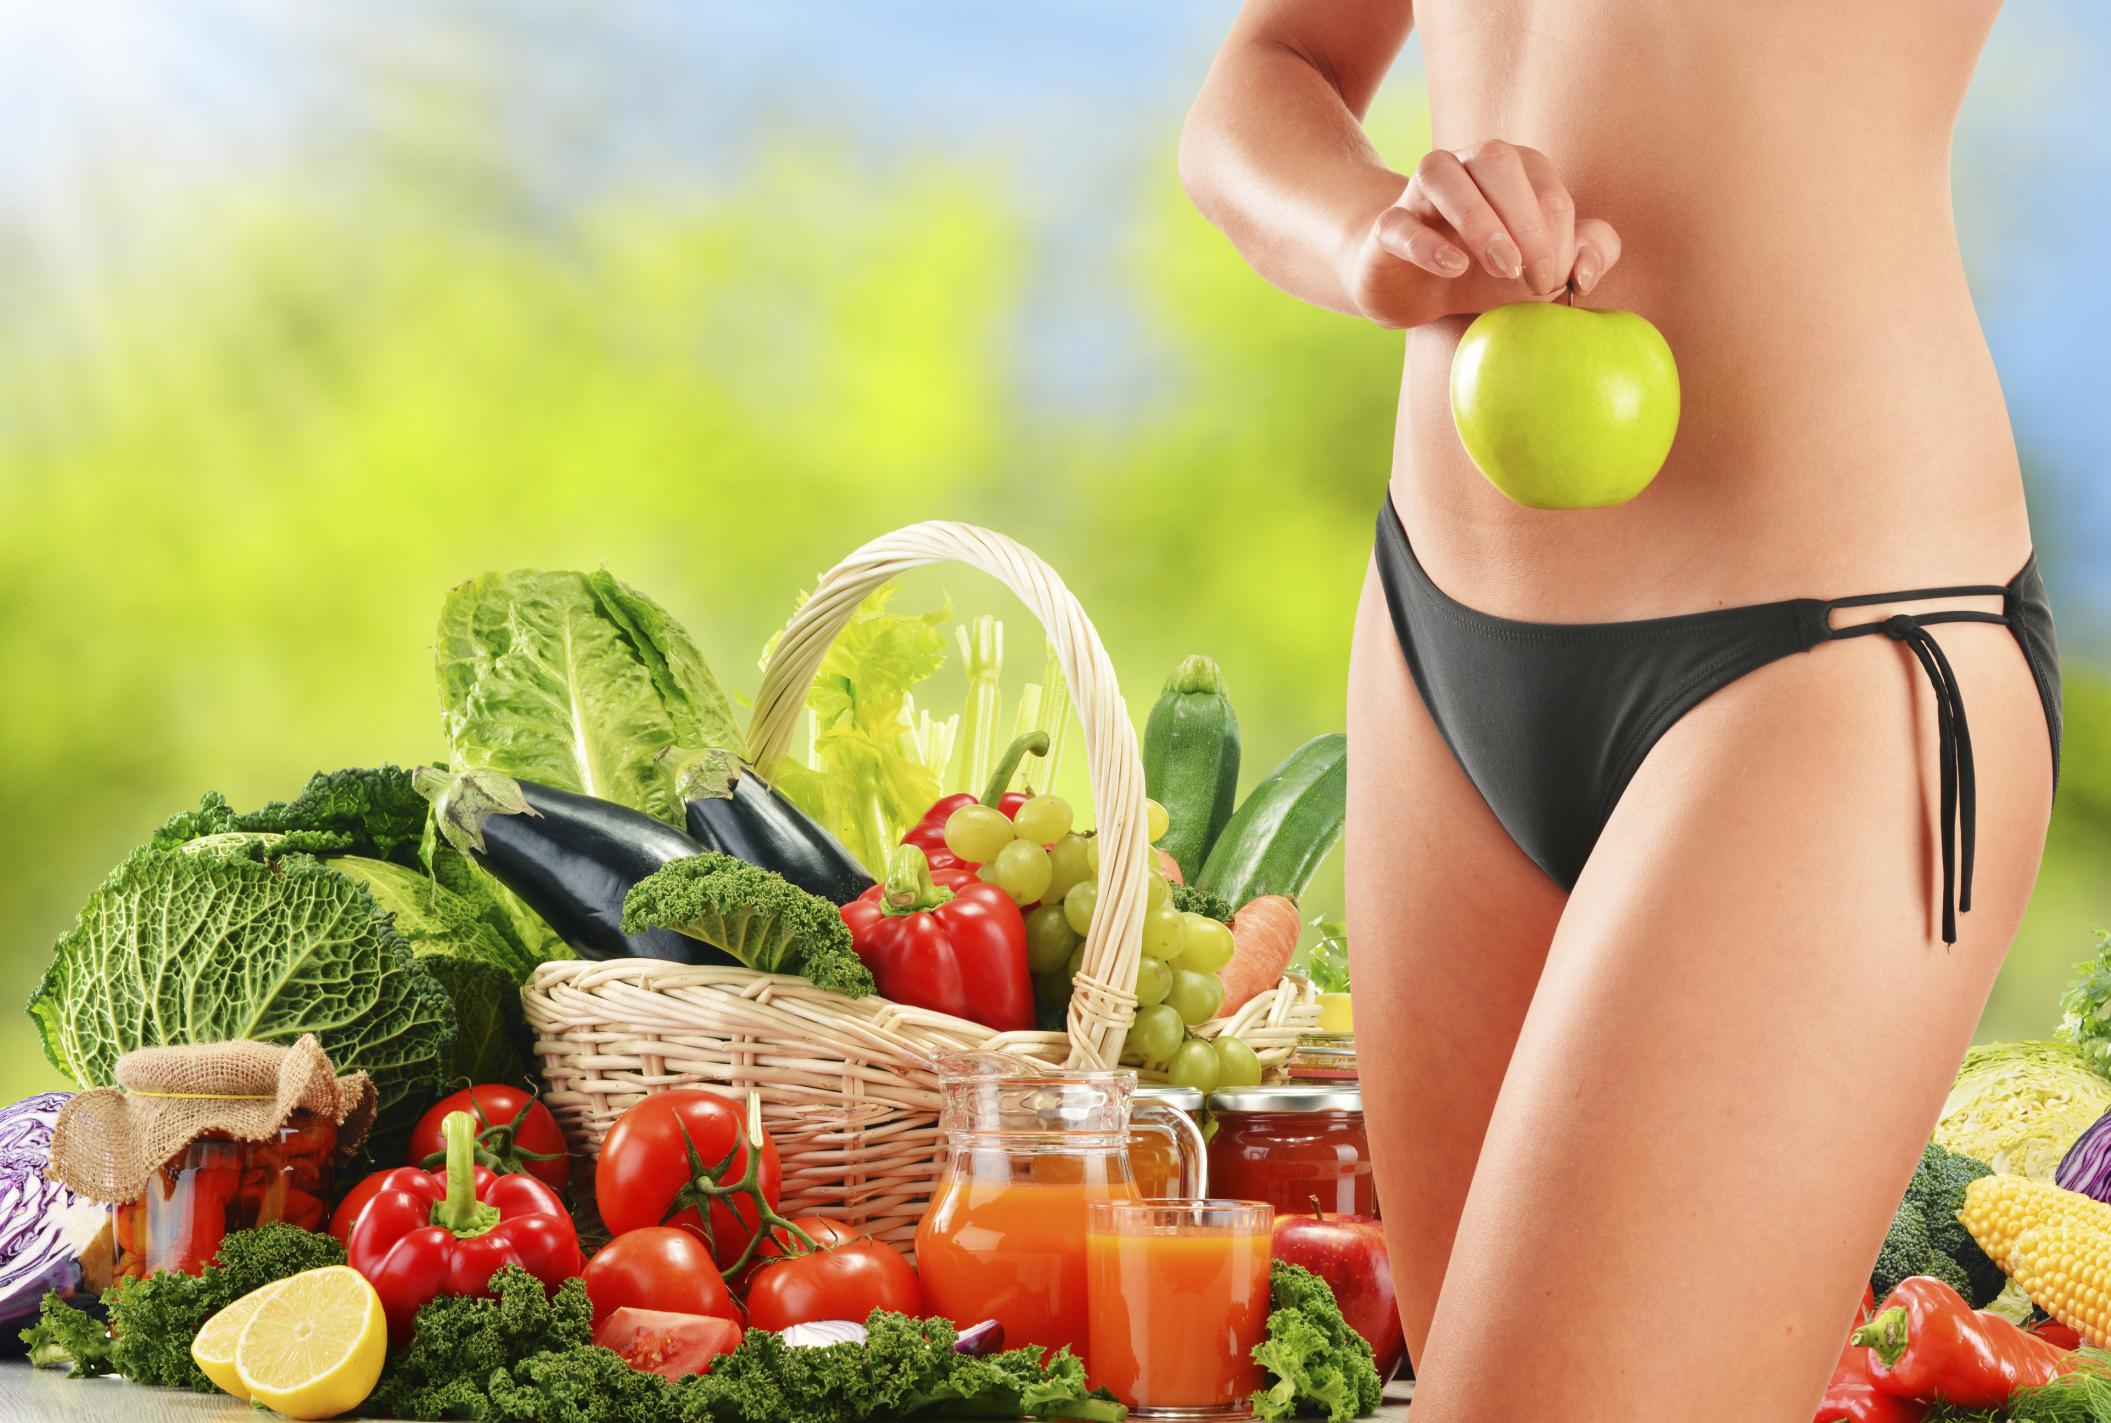 диета без молочных продуктов для похудения рецепты